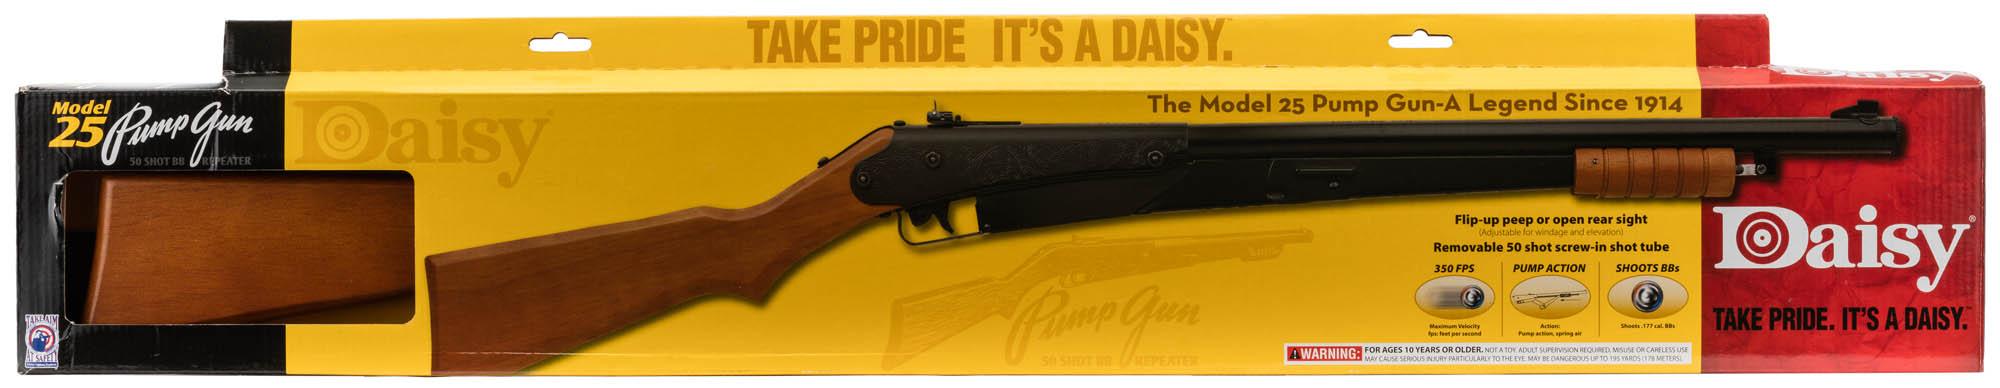 Air rifle Daisy Model 25 Pump Gun spring BB's cal  4 5 mm